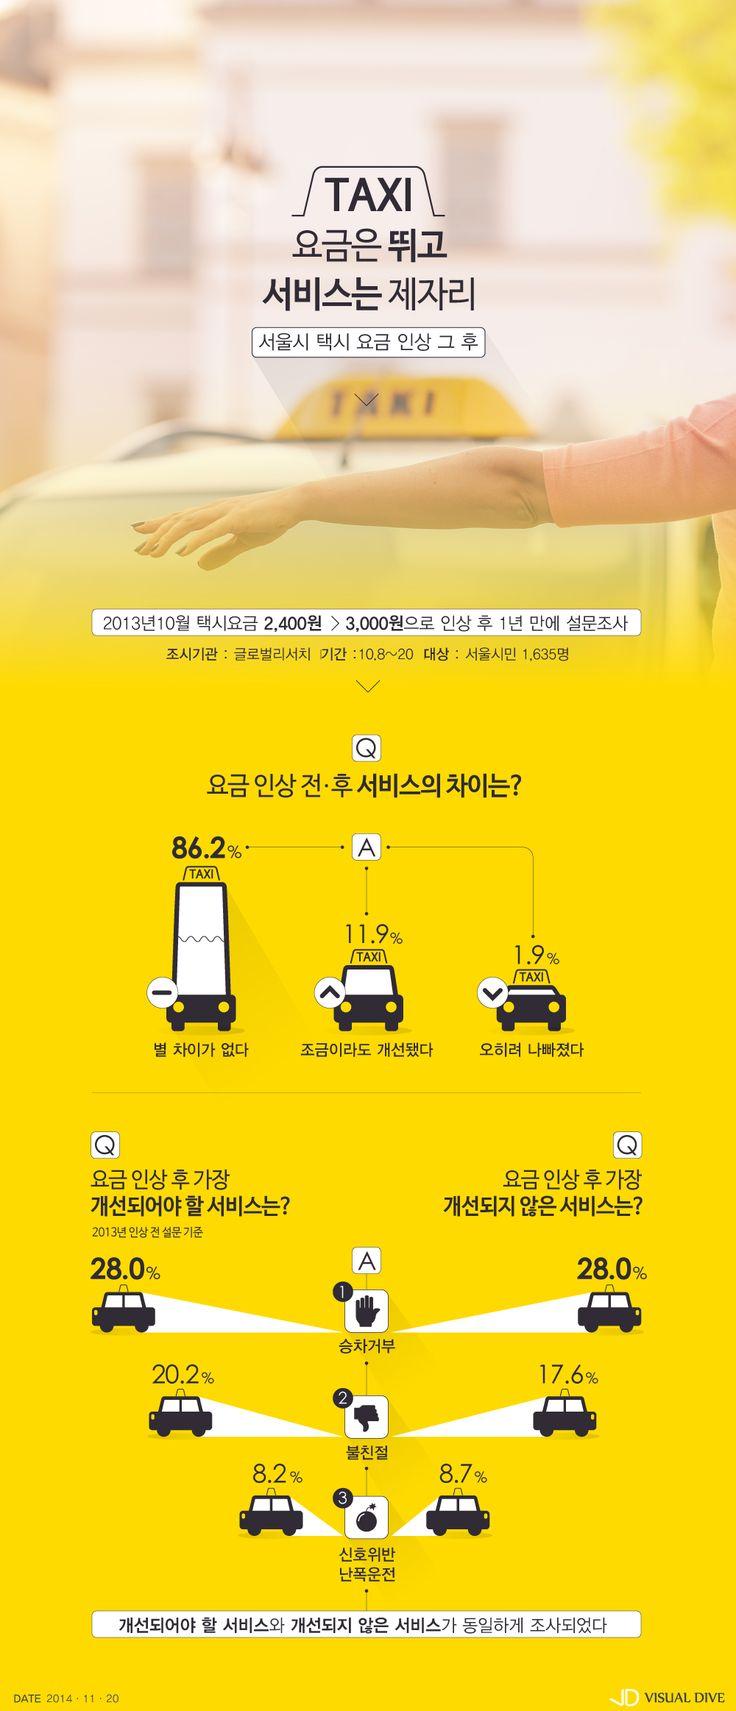 """서울시민 86.2% """"택시요금 인상 후, 서비스 개선 못 느껴"""" [인포그래픽] #Taxi / #Infographic ⓒ 비주얼다이브 무단 복사·전재·재배포 금지"""